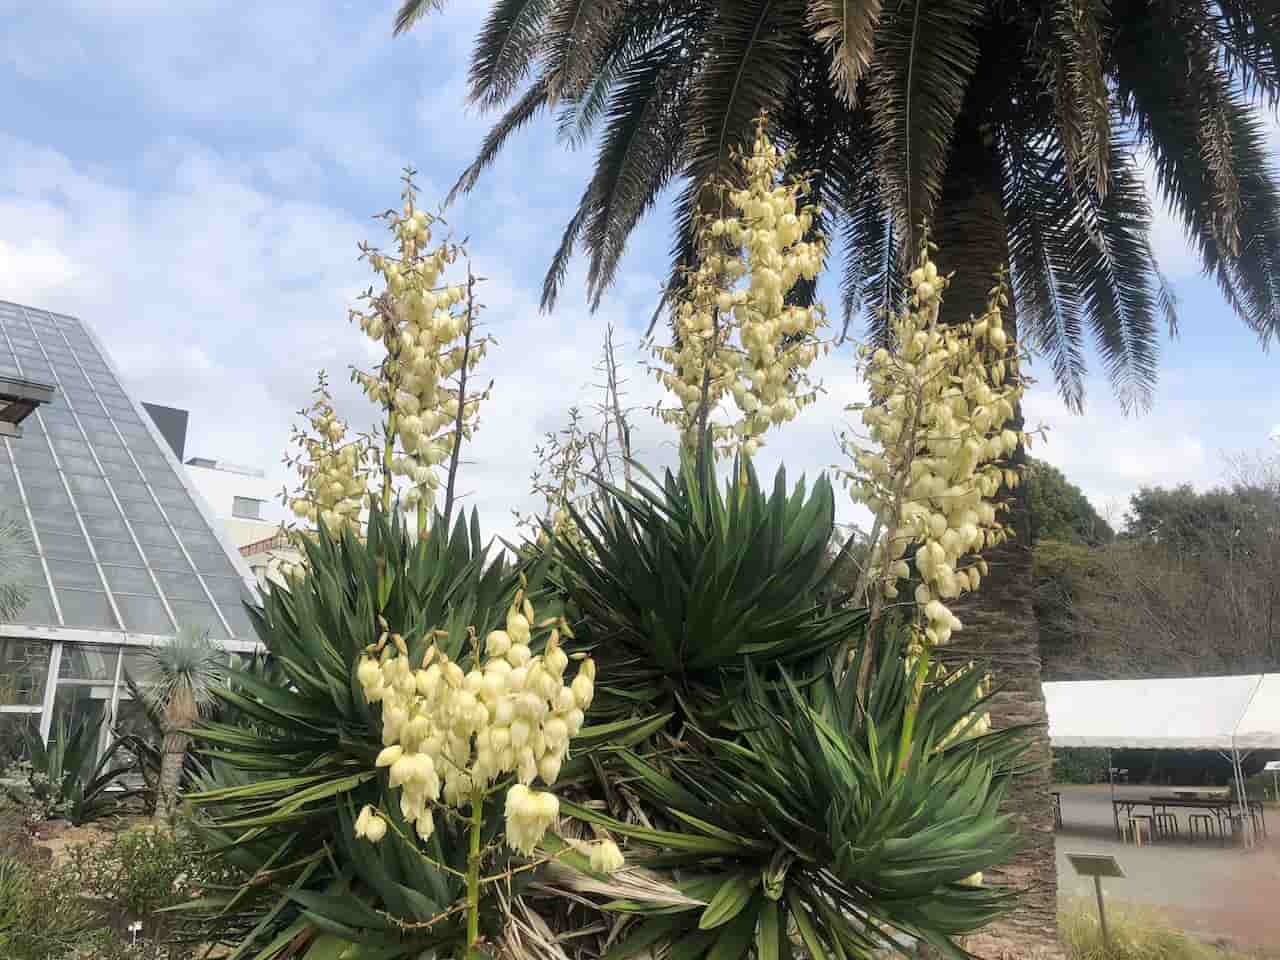 筑波実験植物園のアツバキミガヨラン